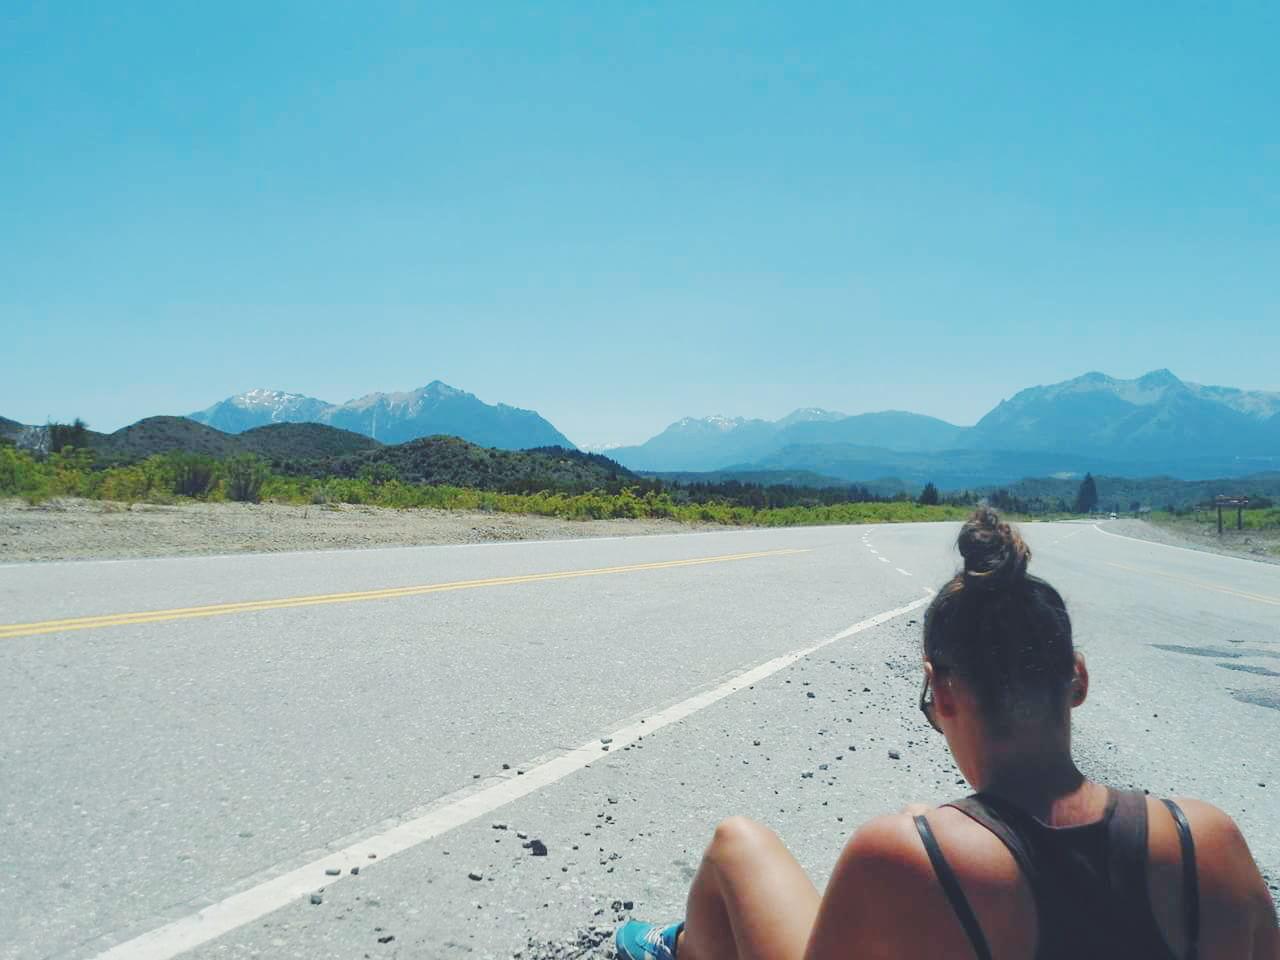 Camino Way Soledad Road Carretera Indecisionmochileros Traveling Viajar